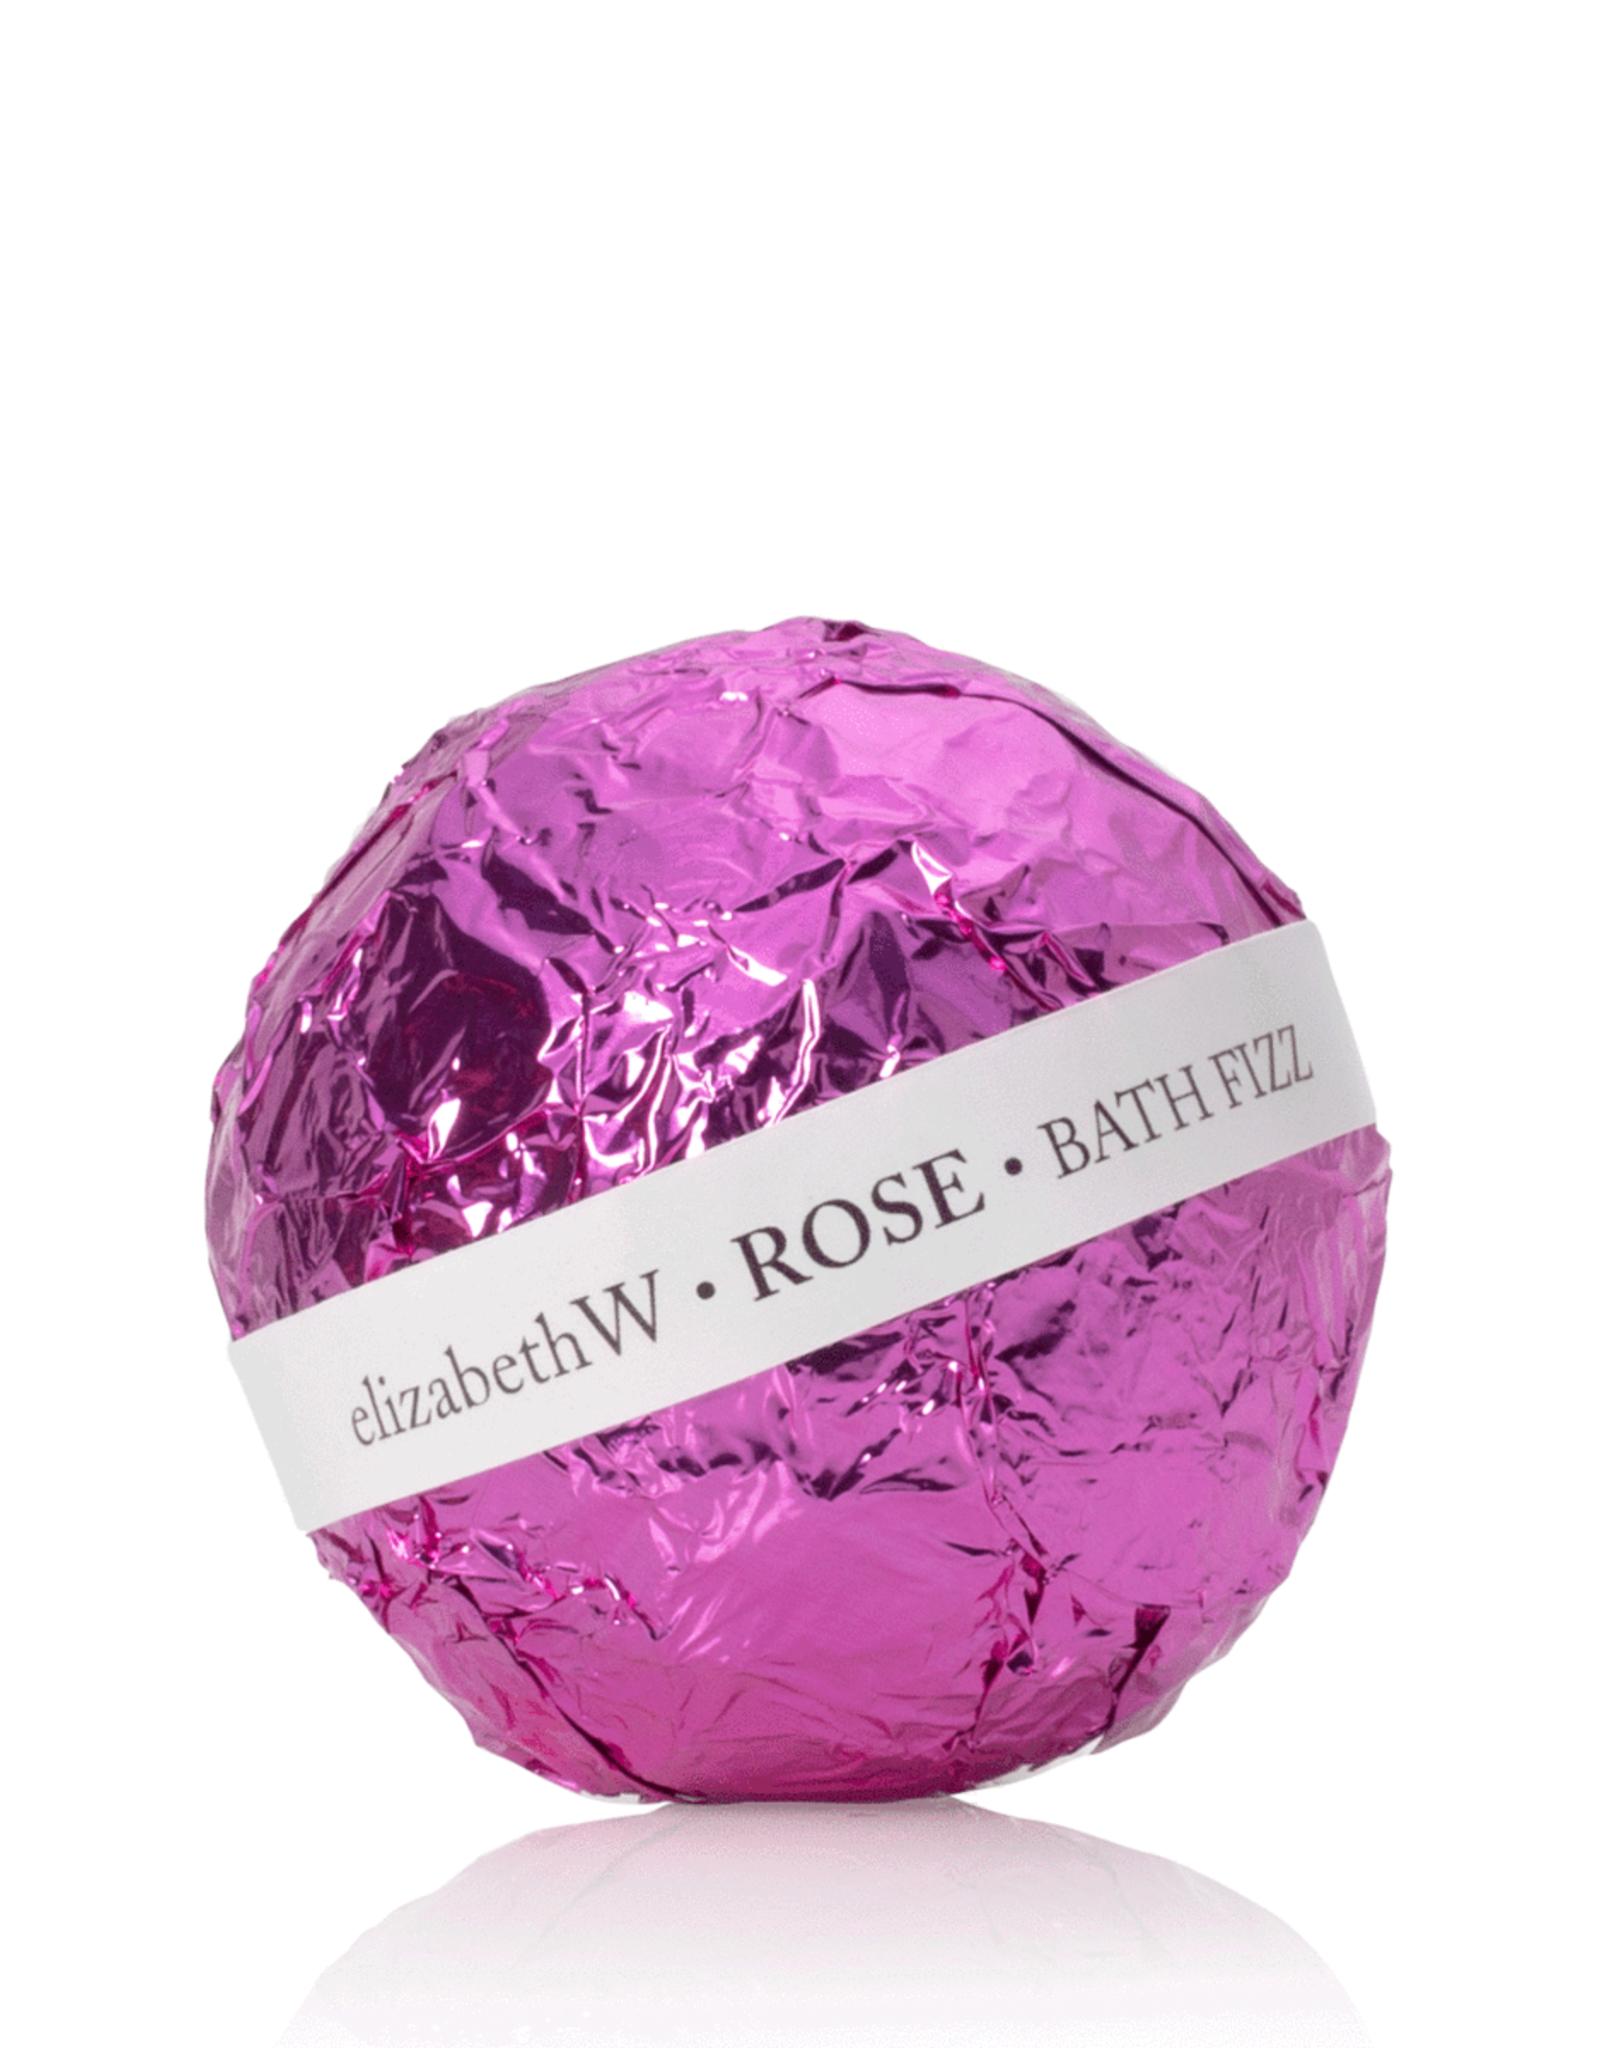 Elizabeth W Elizabeth W Bath Fizz Ball ROSE